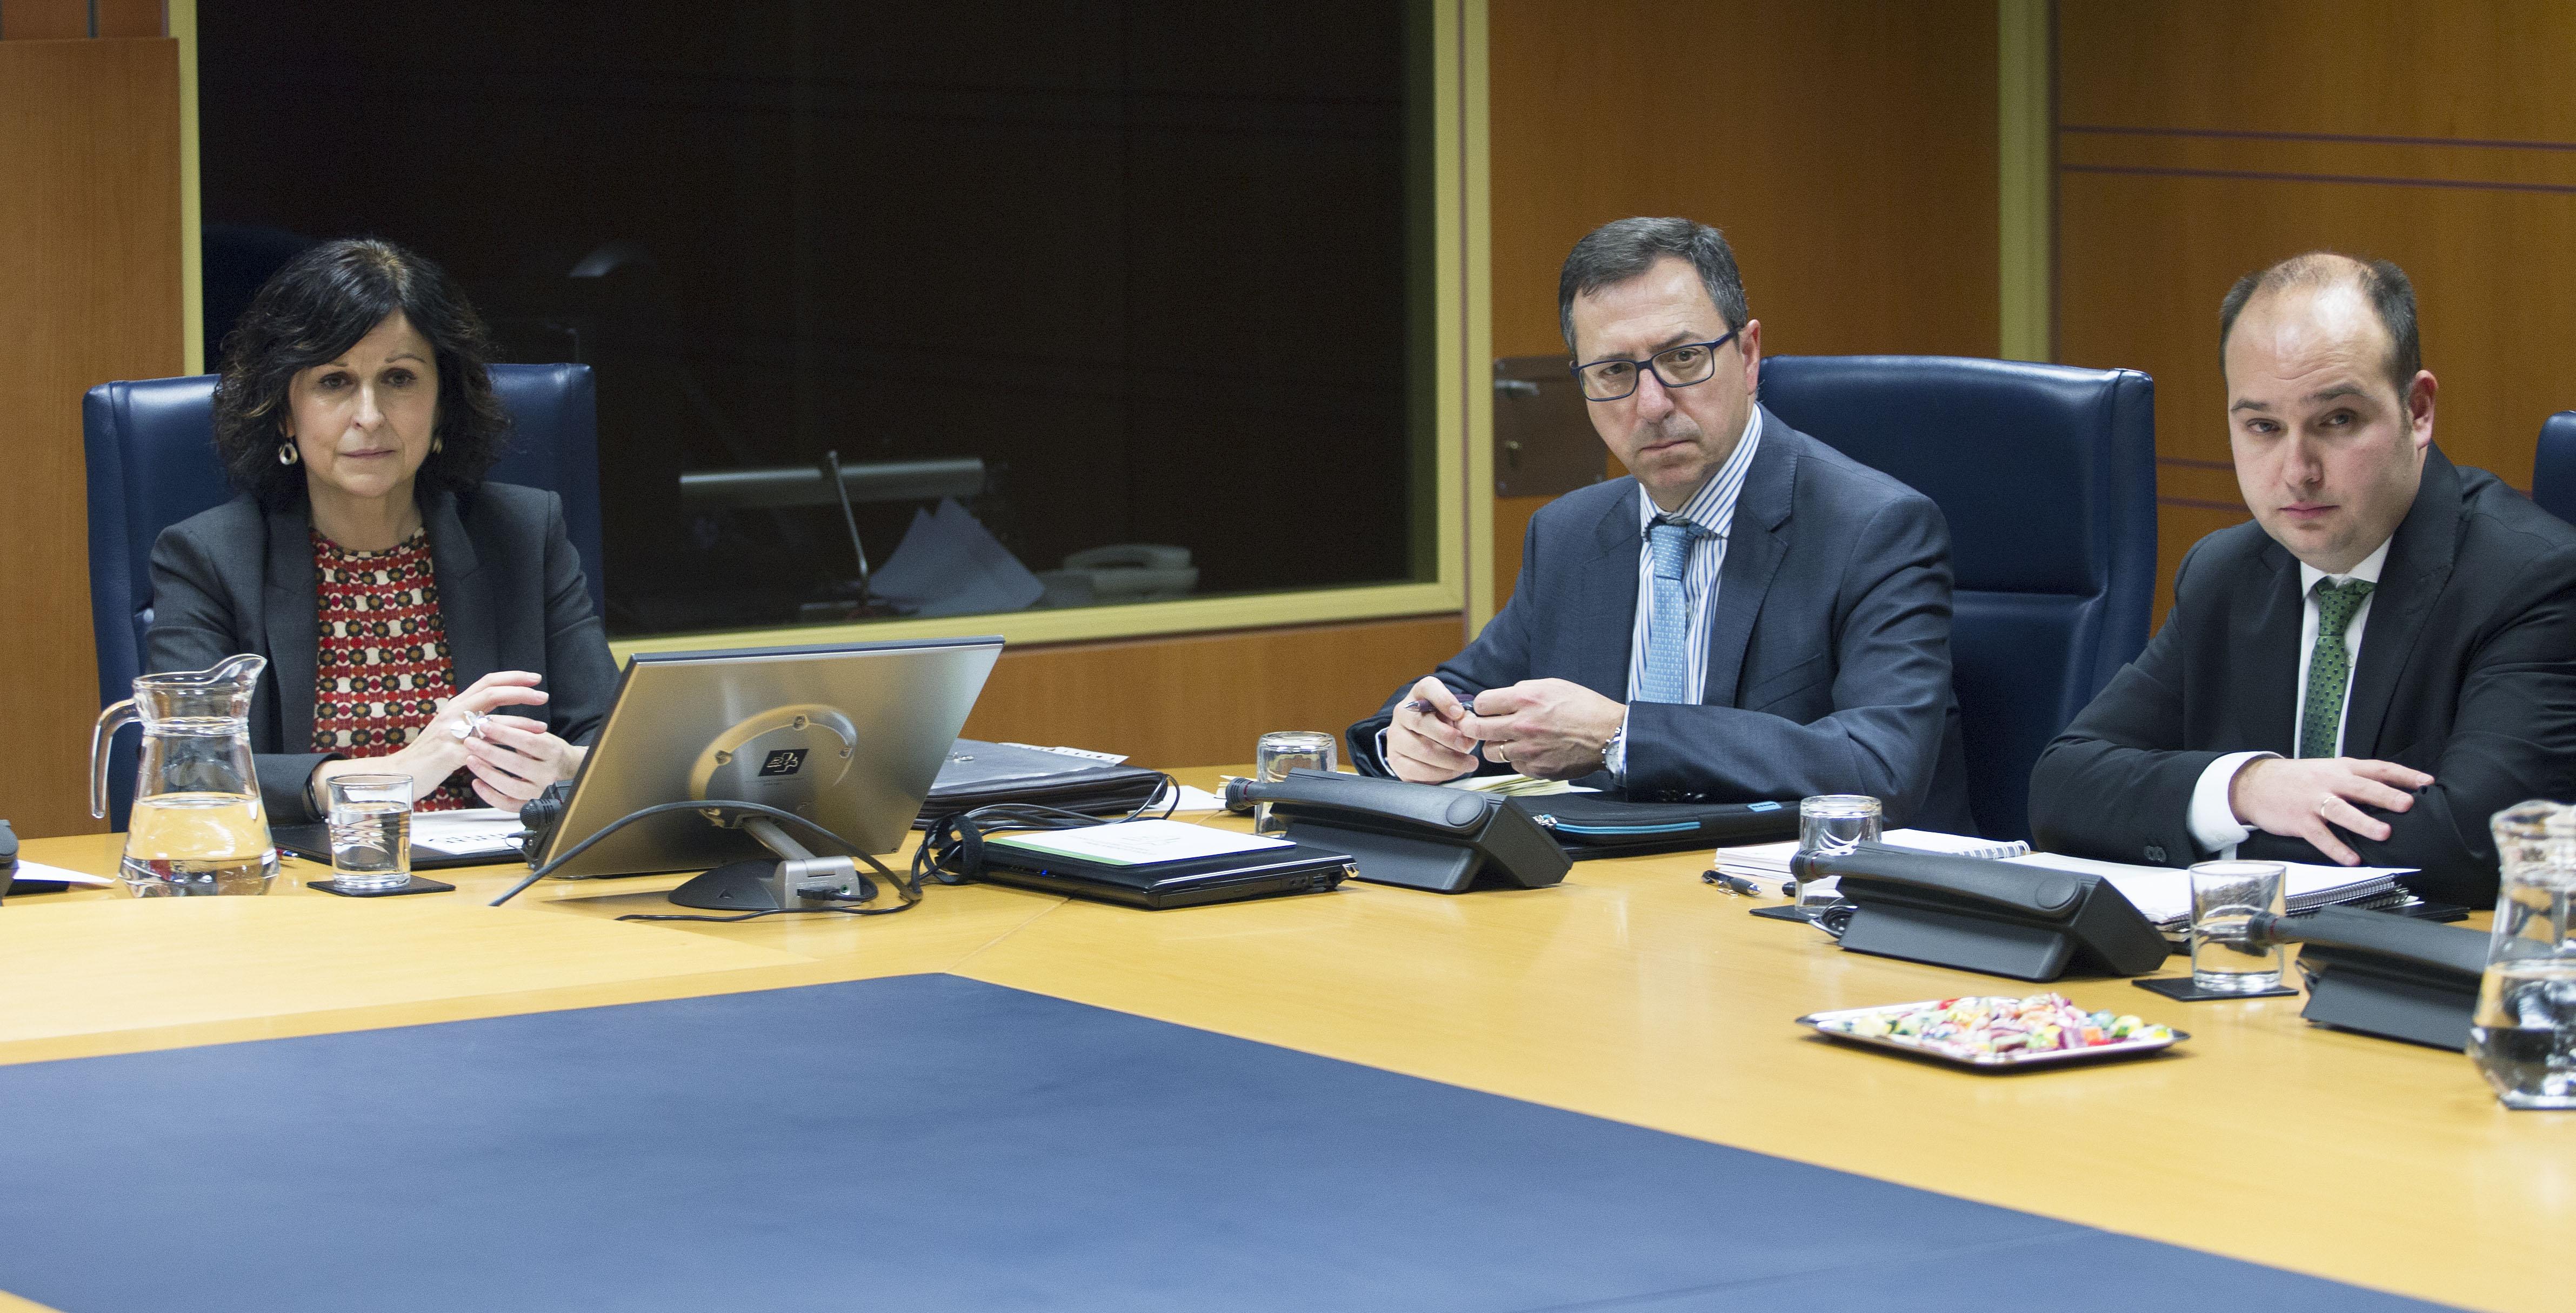 Marian Elorza presenta en el Parlamento las líneas generales de la acción exterior del Gobierno Vasco para los próximos años